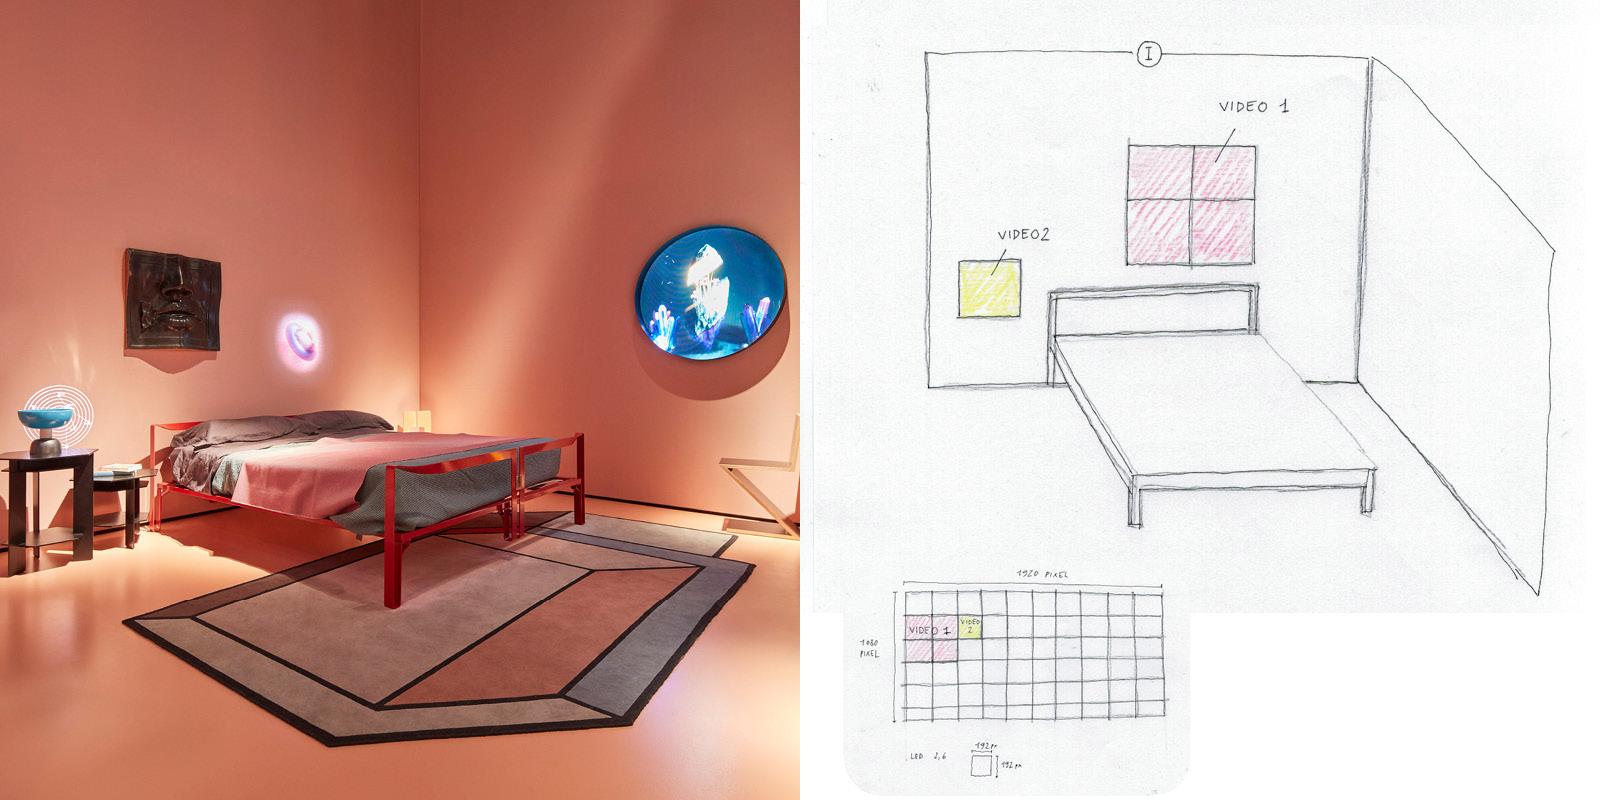 cassina-9.0-90-paolo-di-giacomo-interaction-design-patricia-urquiola-ilaria-vergani-bassi-mammafotogramma-design-week-milan-fuorisalone-2017-this-will-be-the-place-fondazione-feltrinelli-4